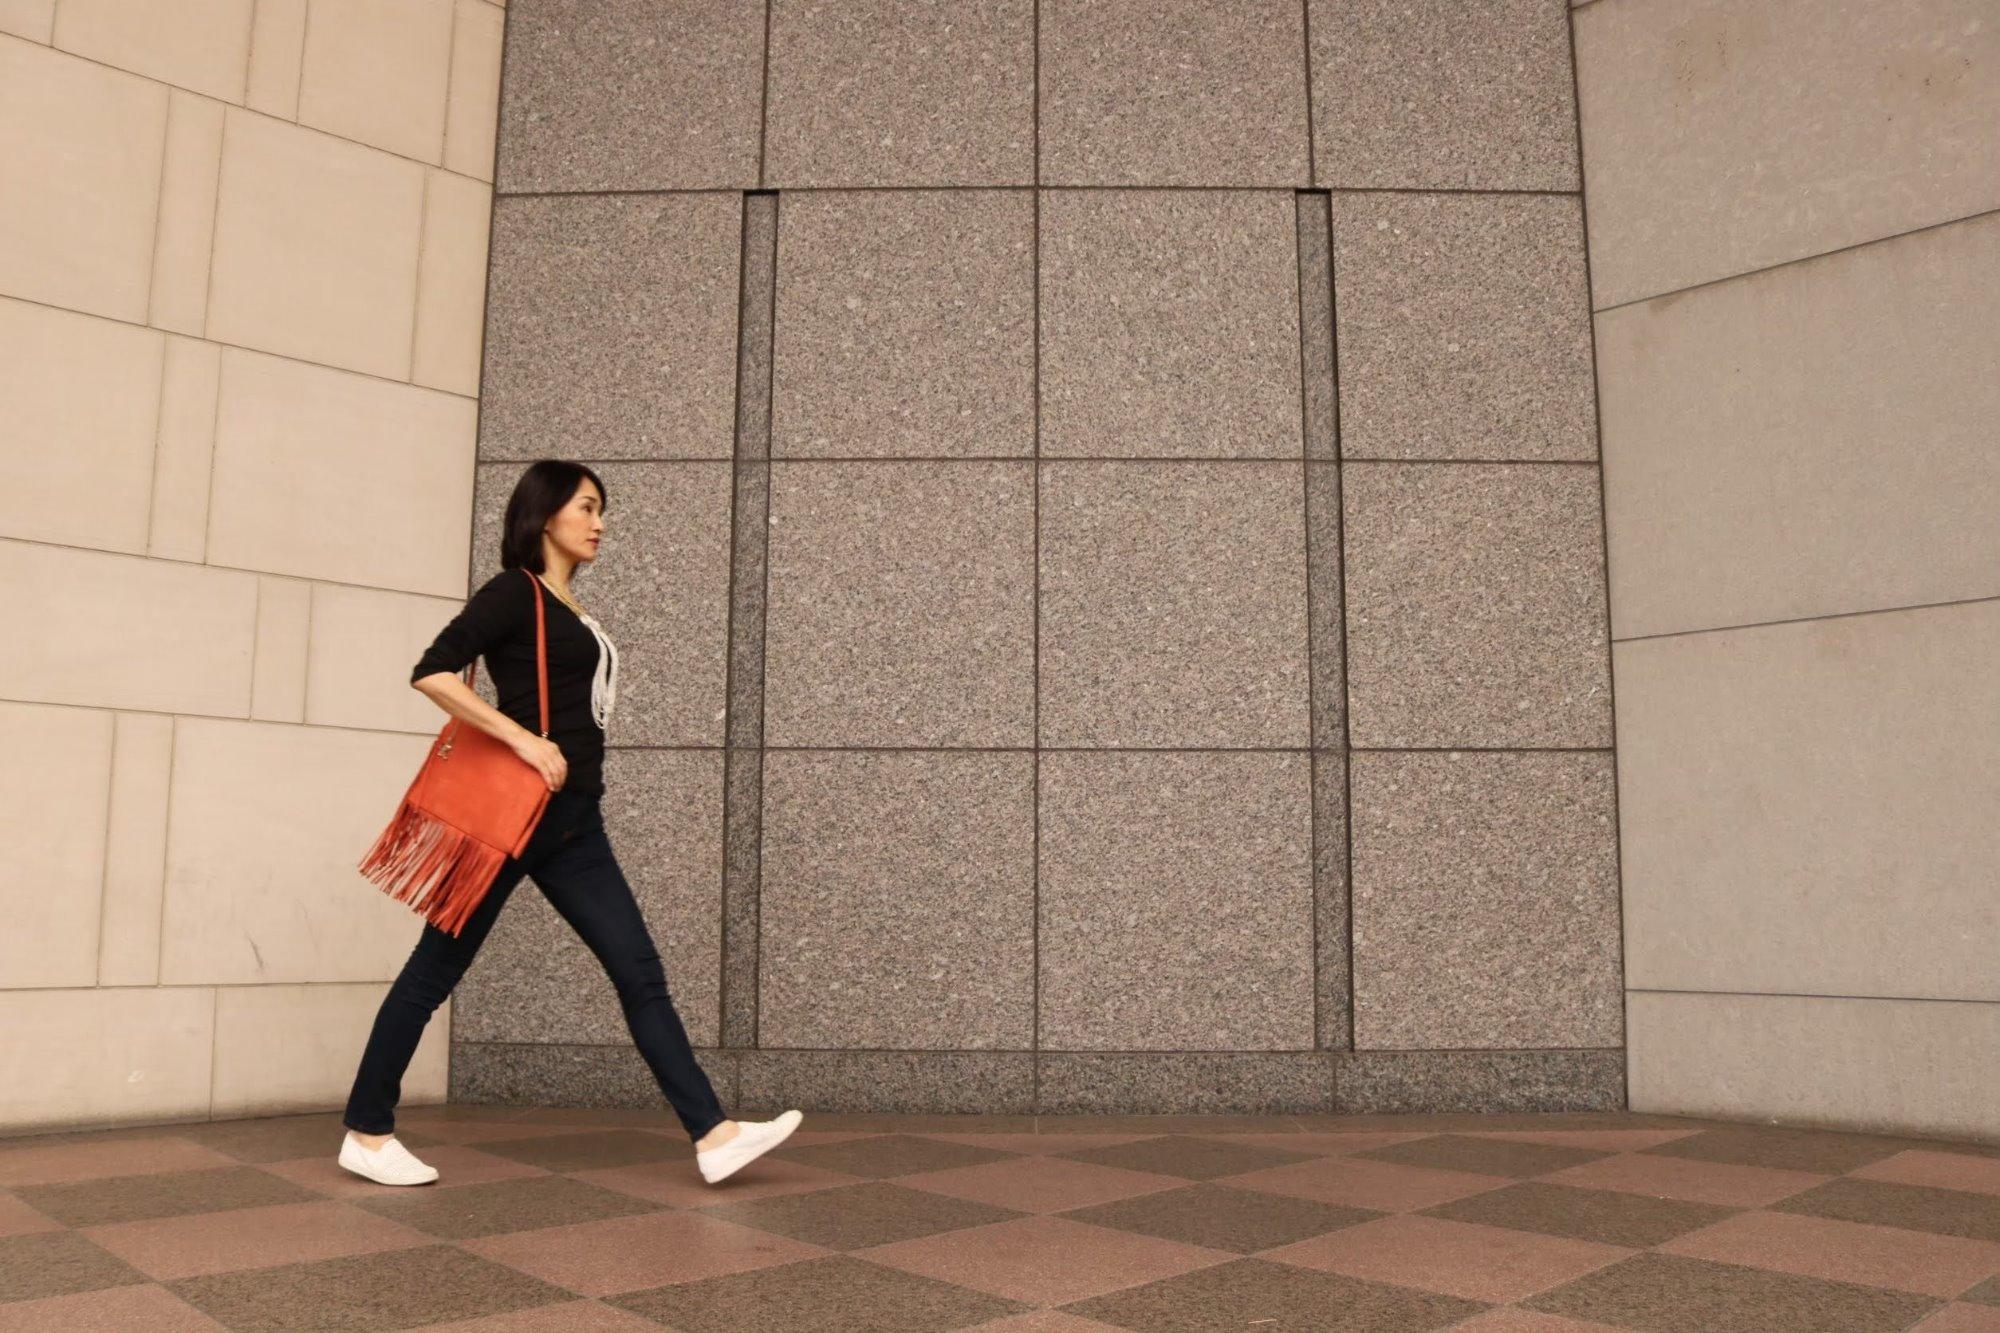 【HDC大阪 くらし向上計画】機能美カラダメソッド・日常生活に活かす姿勢セミナー